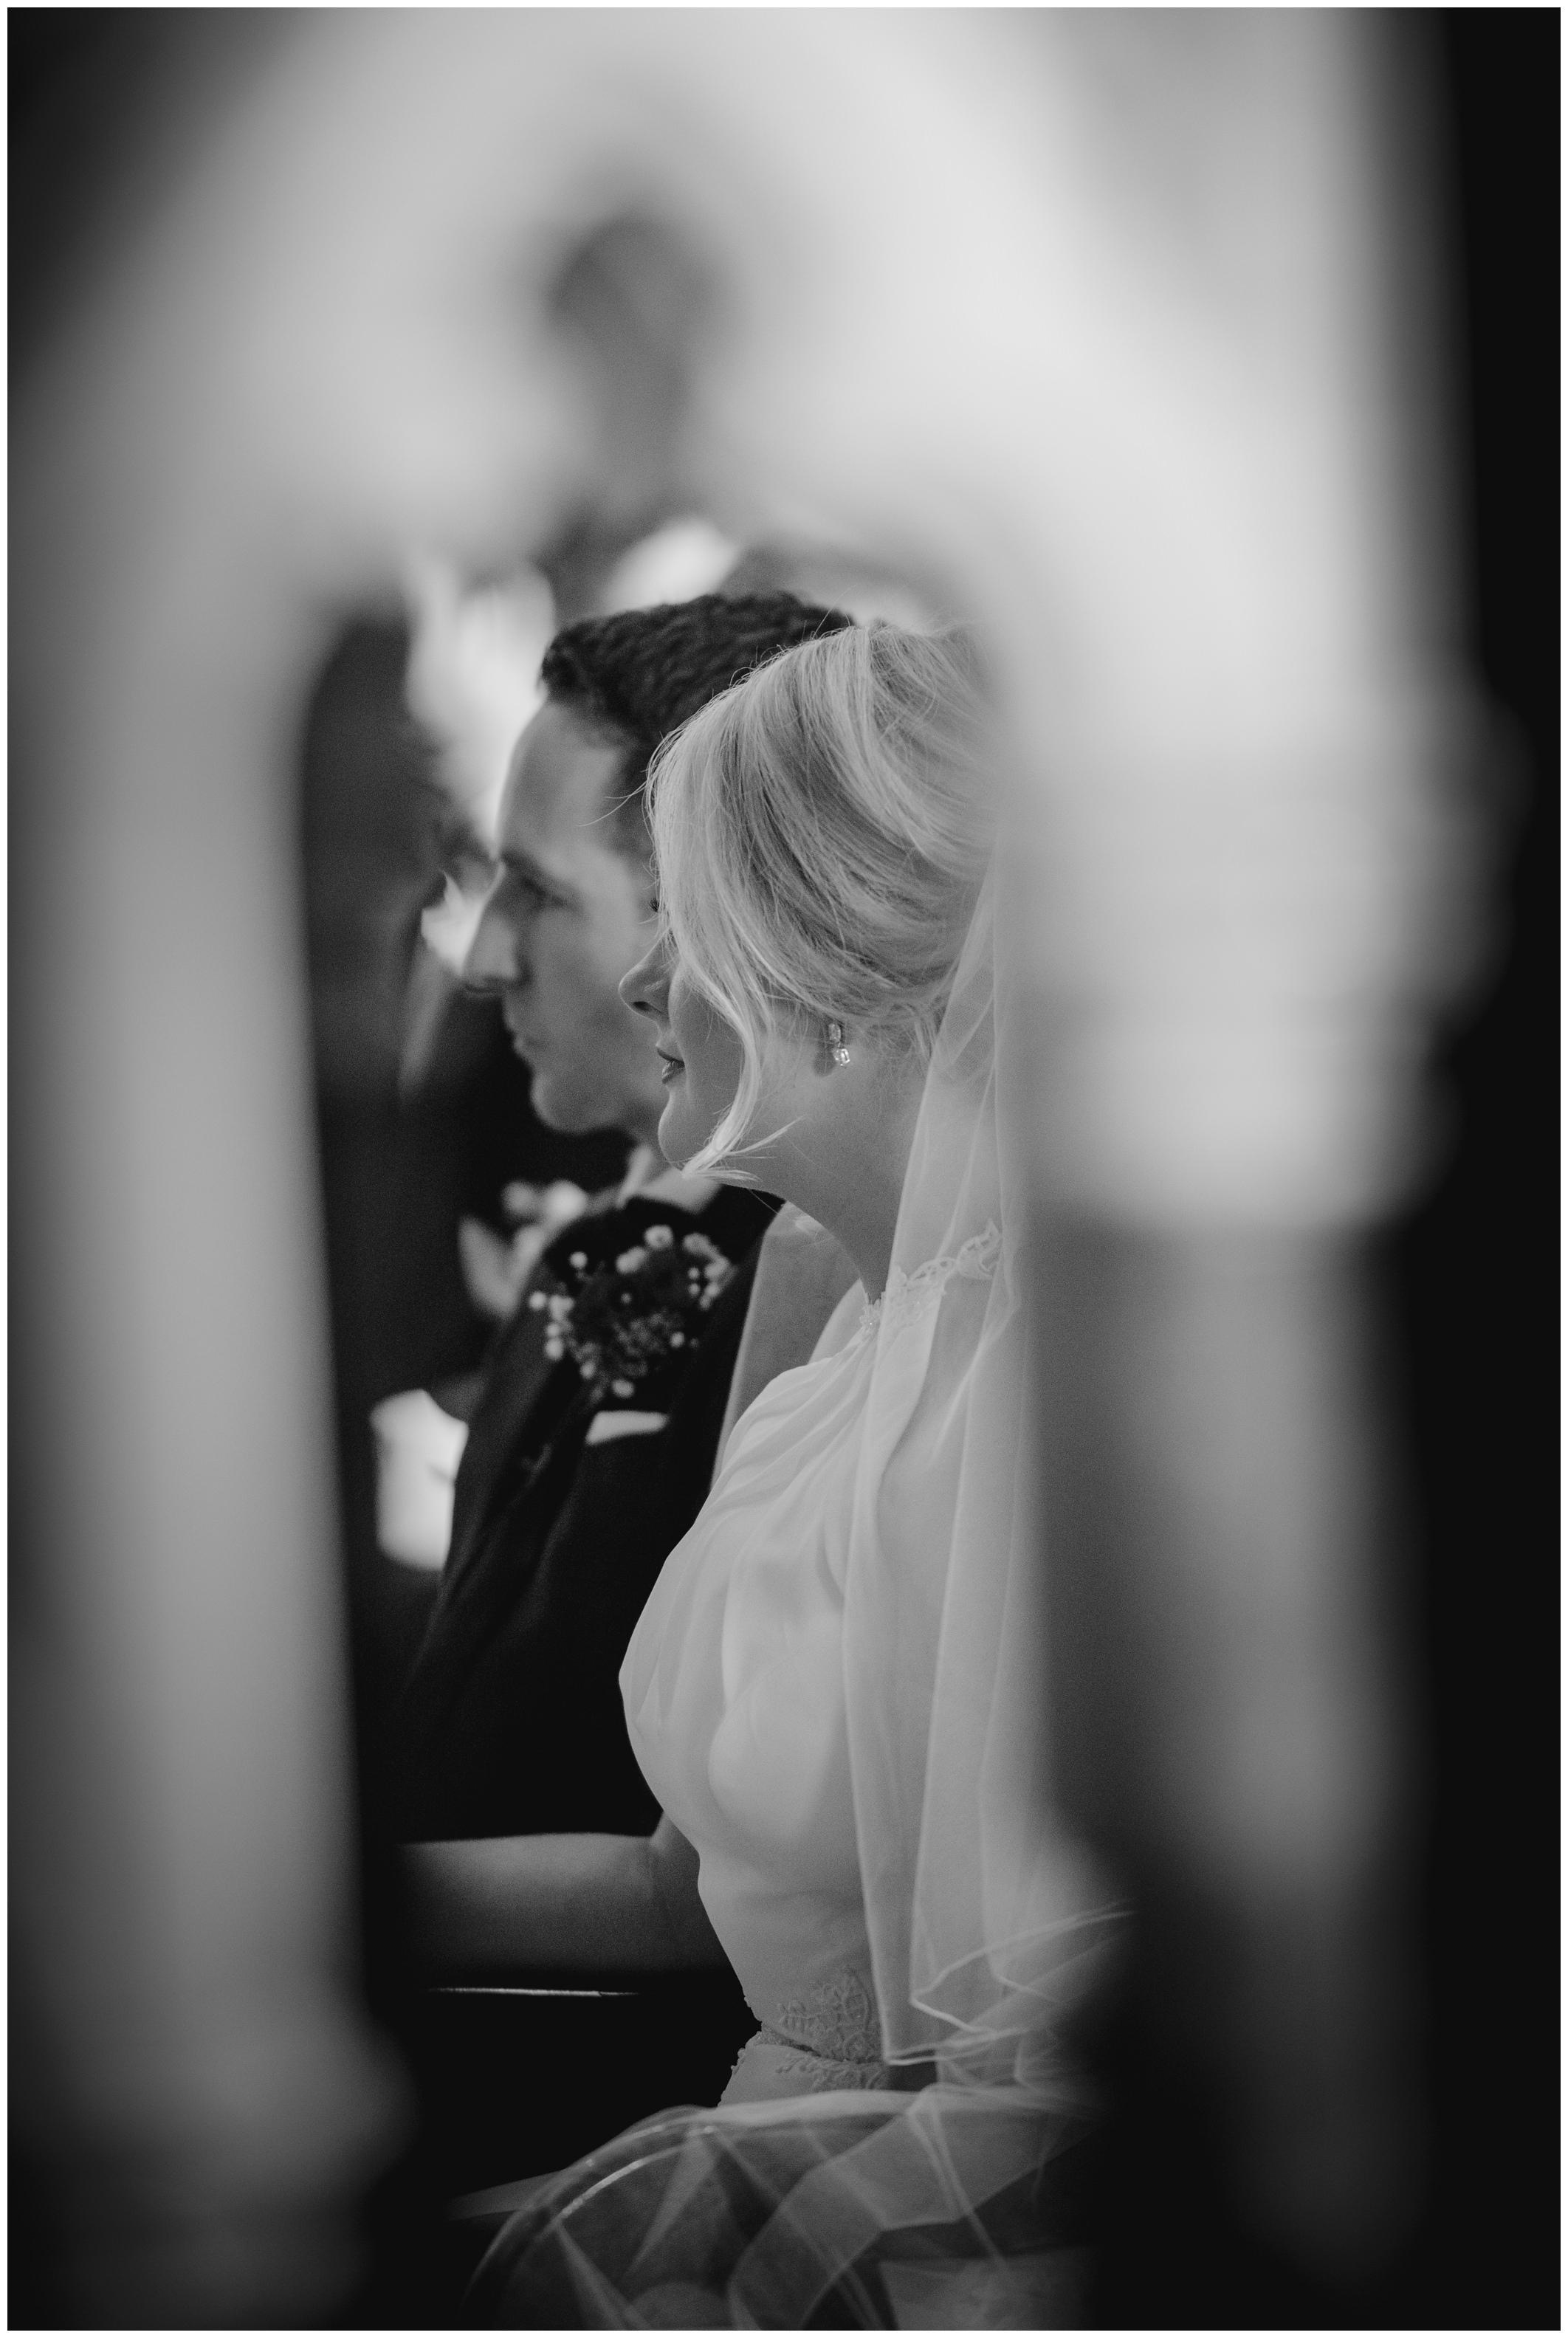 silver_tassie_wedding_jude_browne_photography_0042.jpg